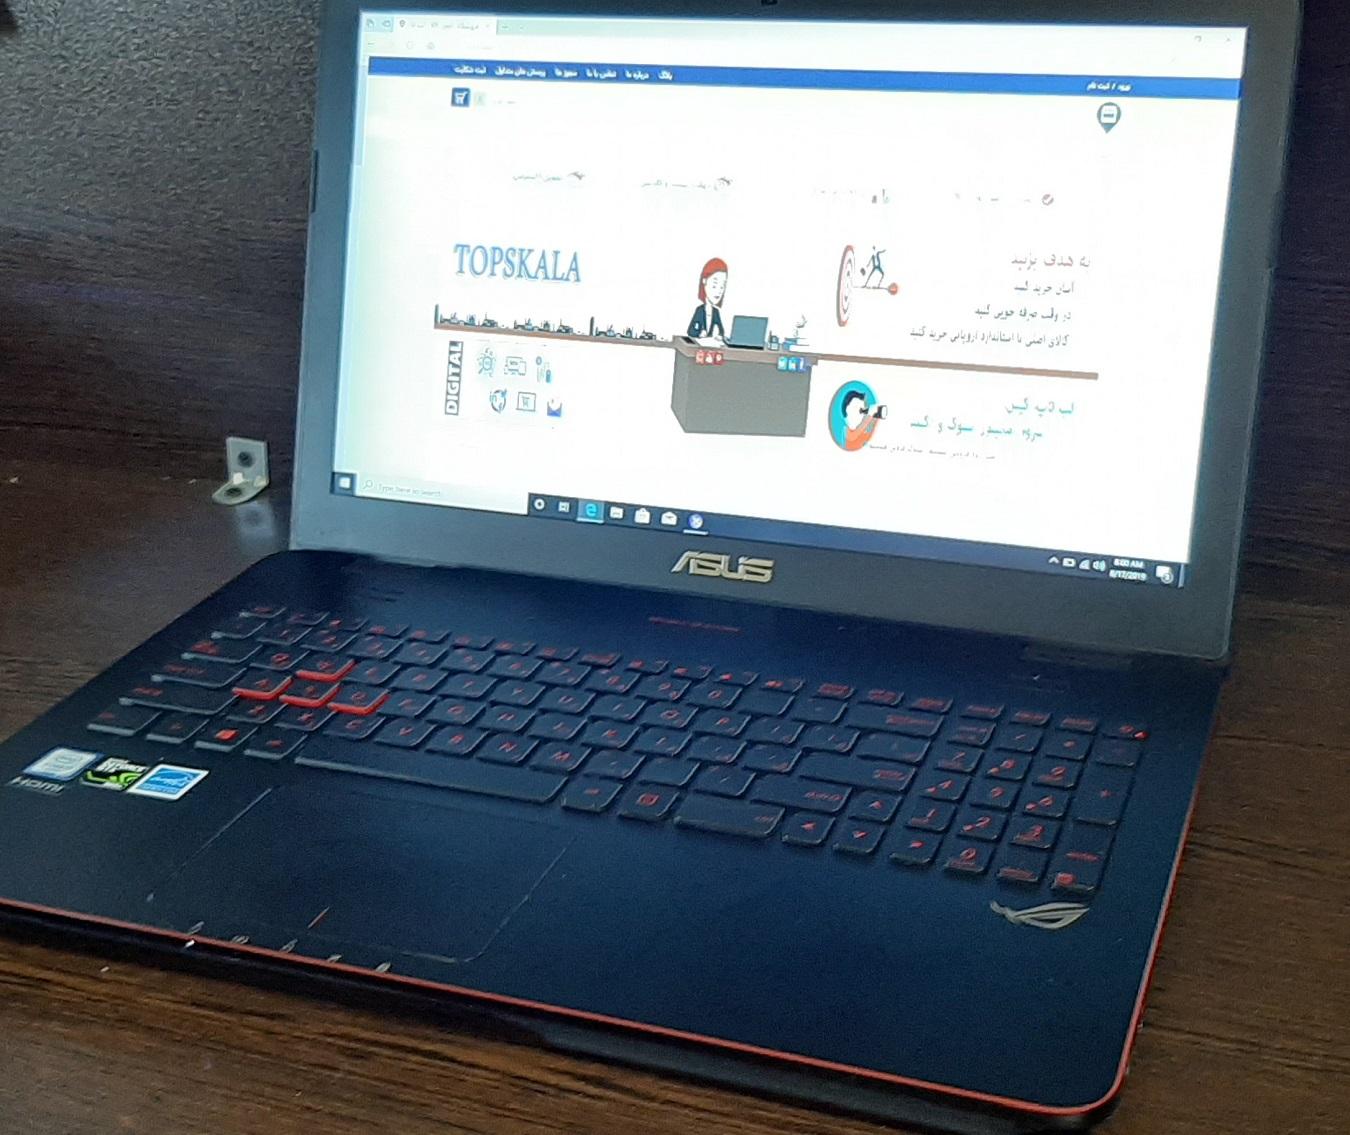 لپ تاپ استوک ایسوس مدل ASUS ROG G551VW با مشخصات 960-i7-6gen-16GB-2TB-HDD-4GB-nvidia-GTX